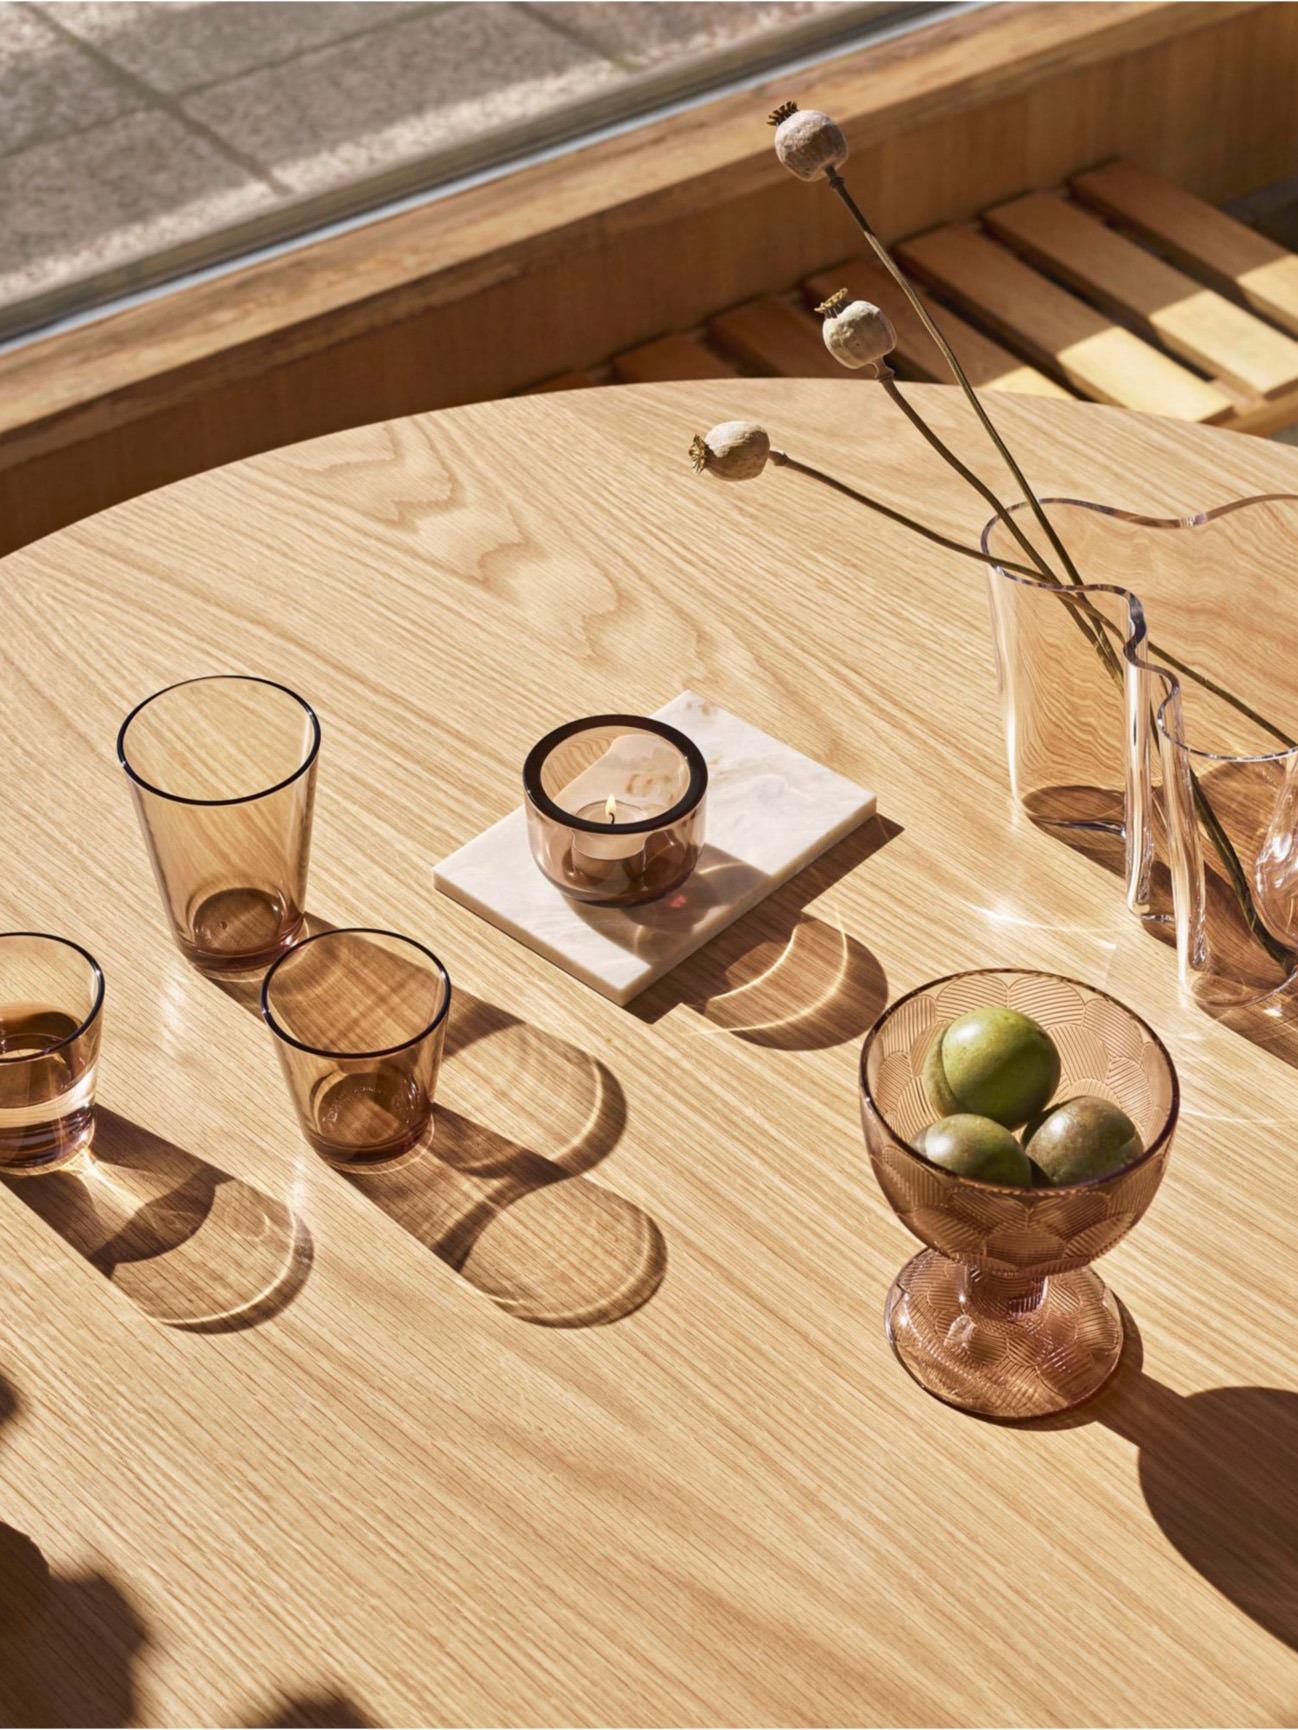 《Iittala》2020春夏陶瓷系列Lookbook